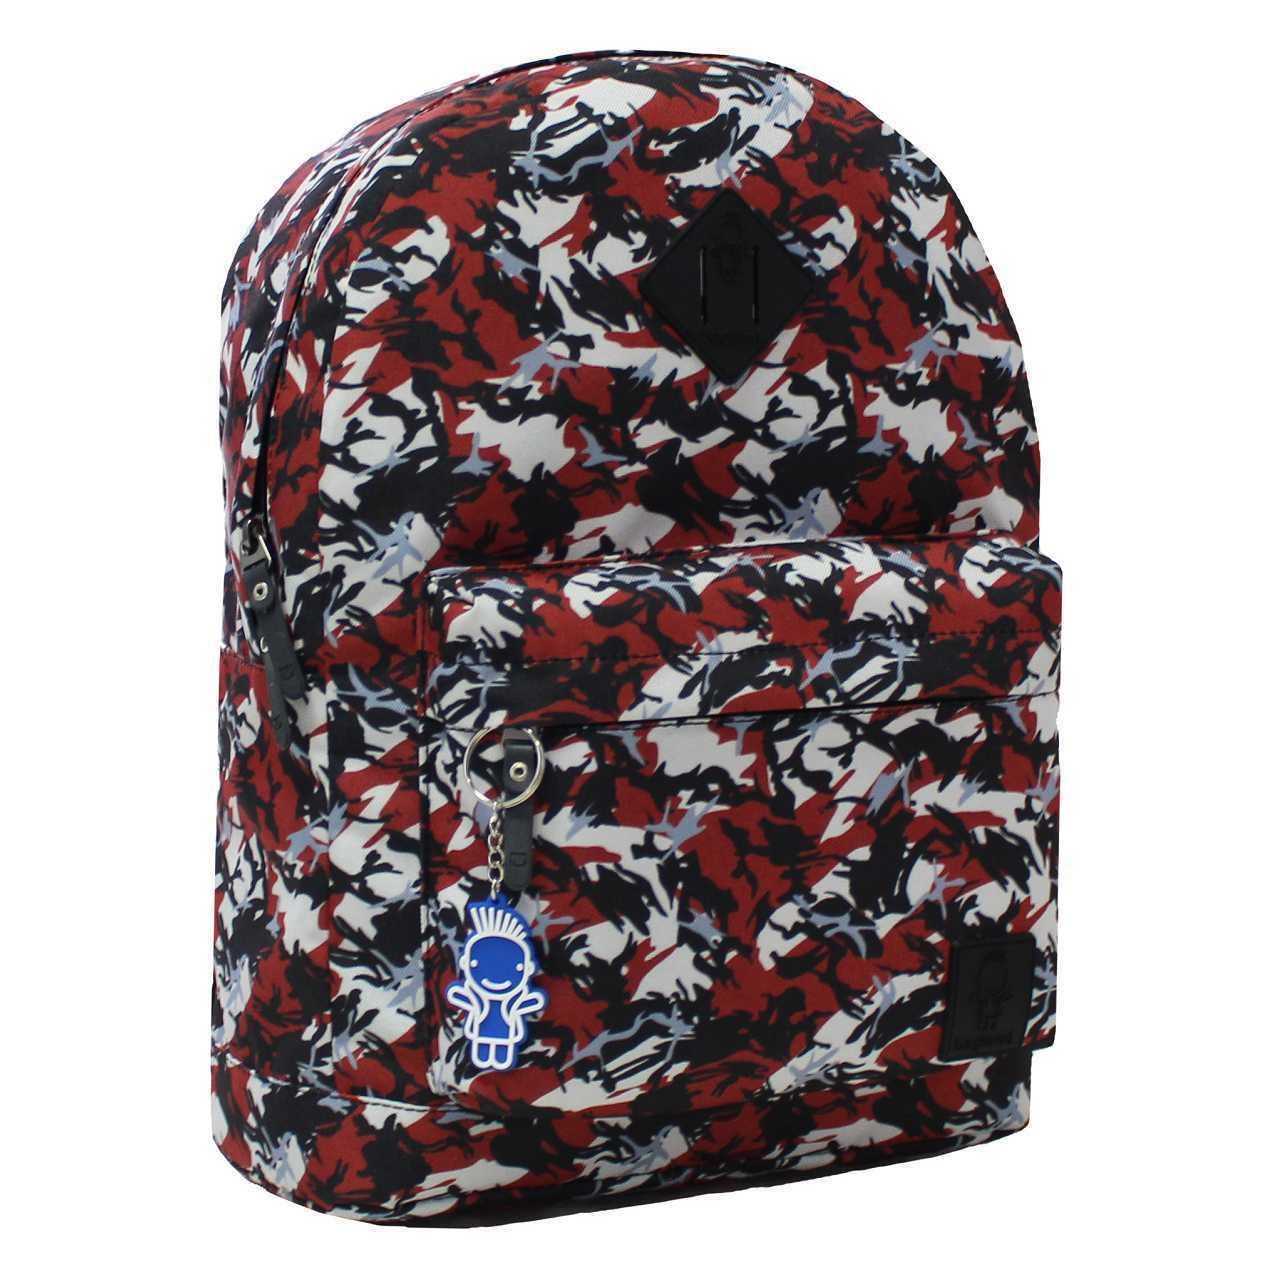 Городские рюкзаки Рюкзак Bagland Молодежный (дизайн) 17 л. сублімація 23 (00533664) IMG_5822.jpg